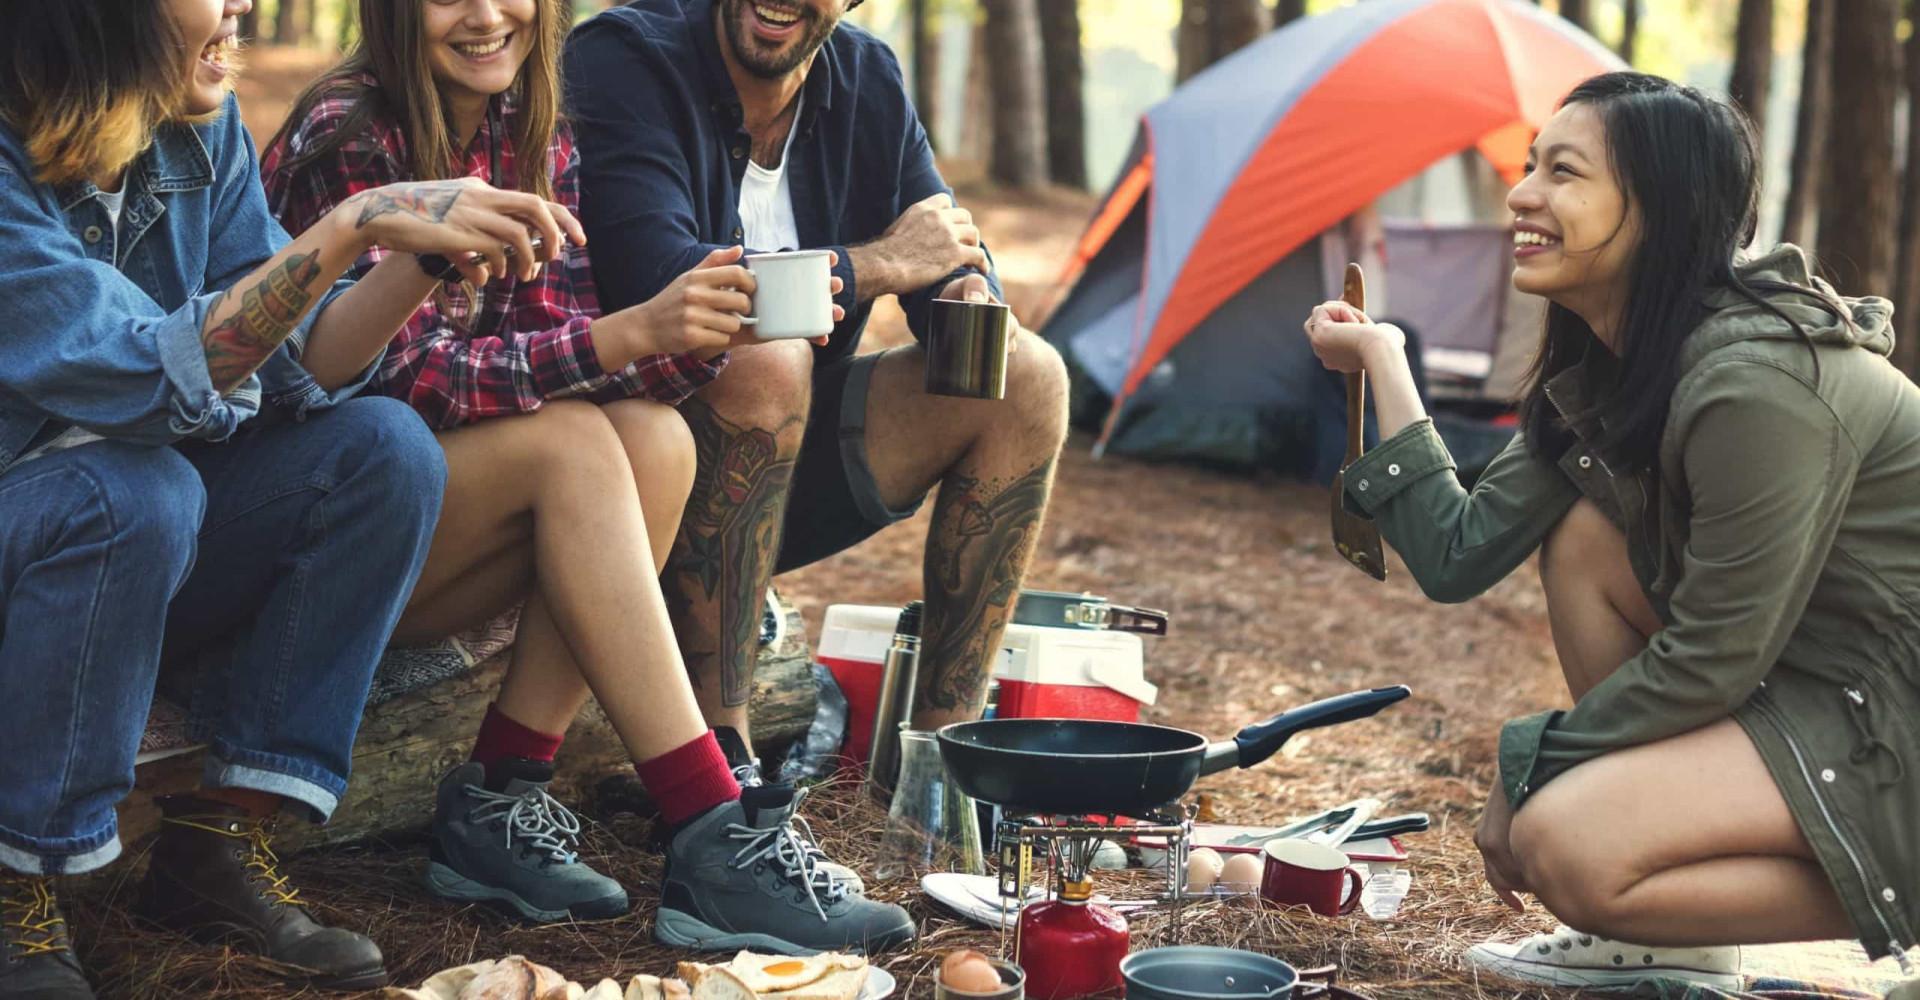 Vacances: devenez un pro du camping!